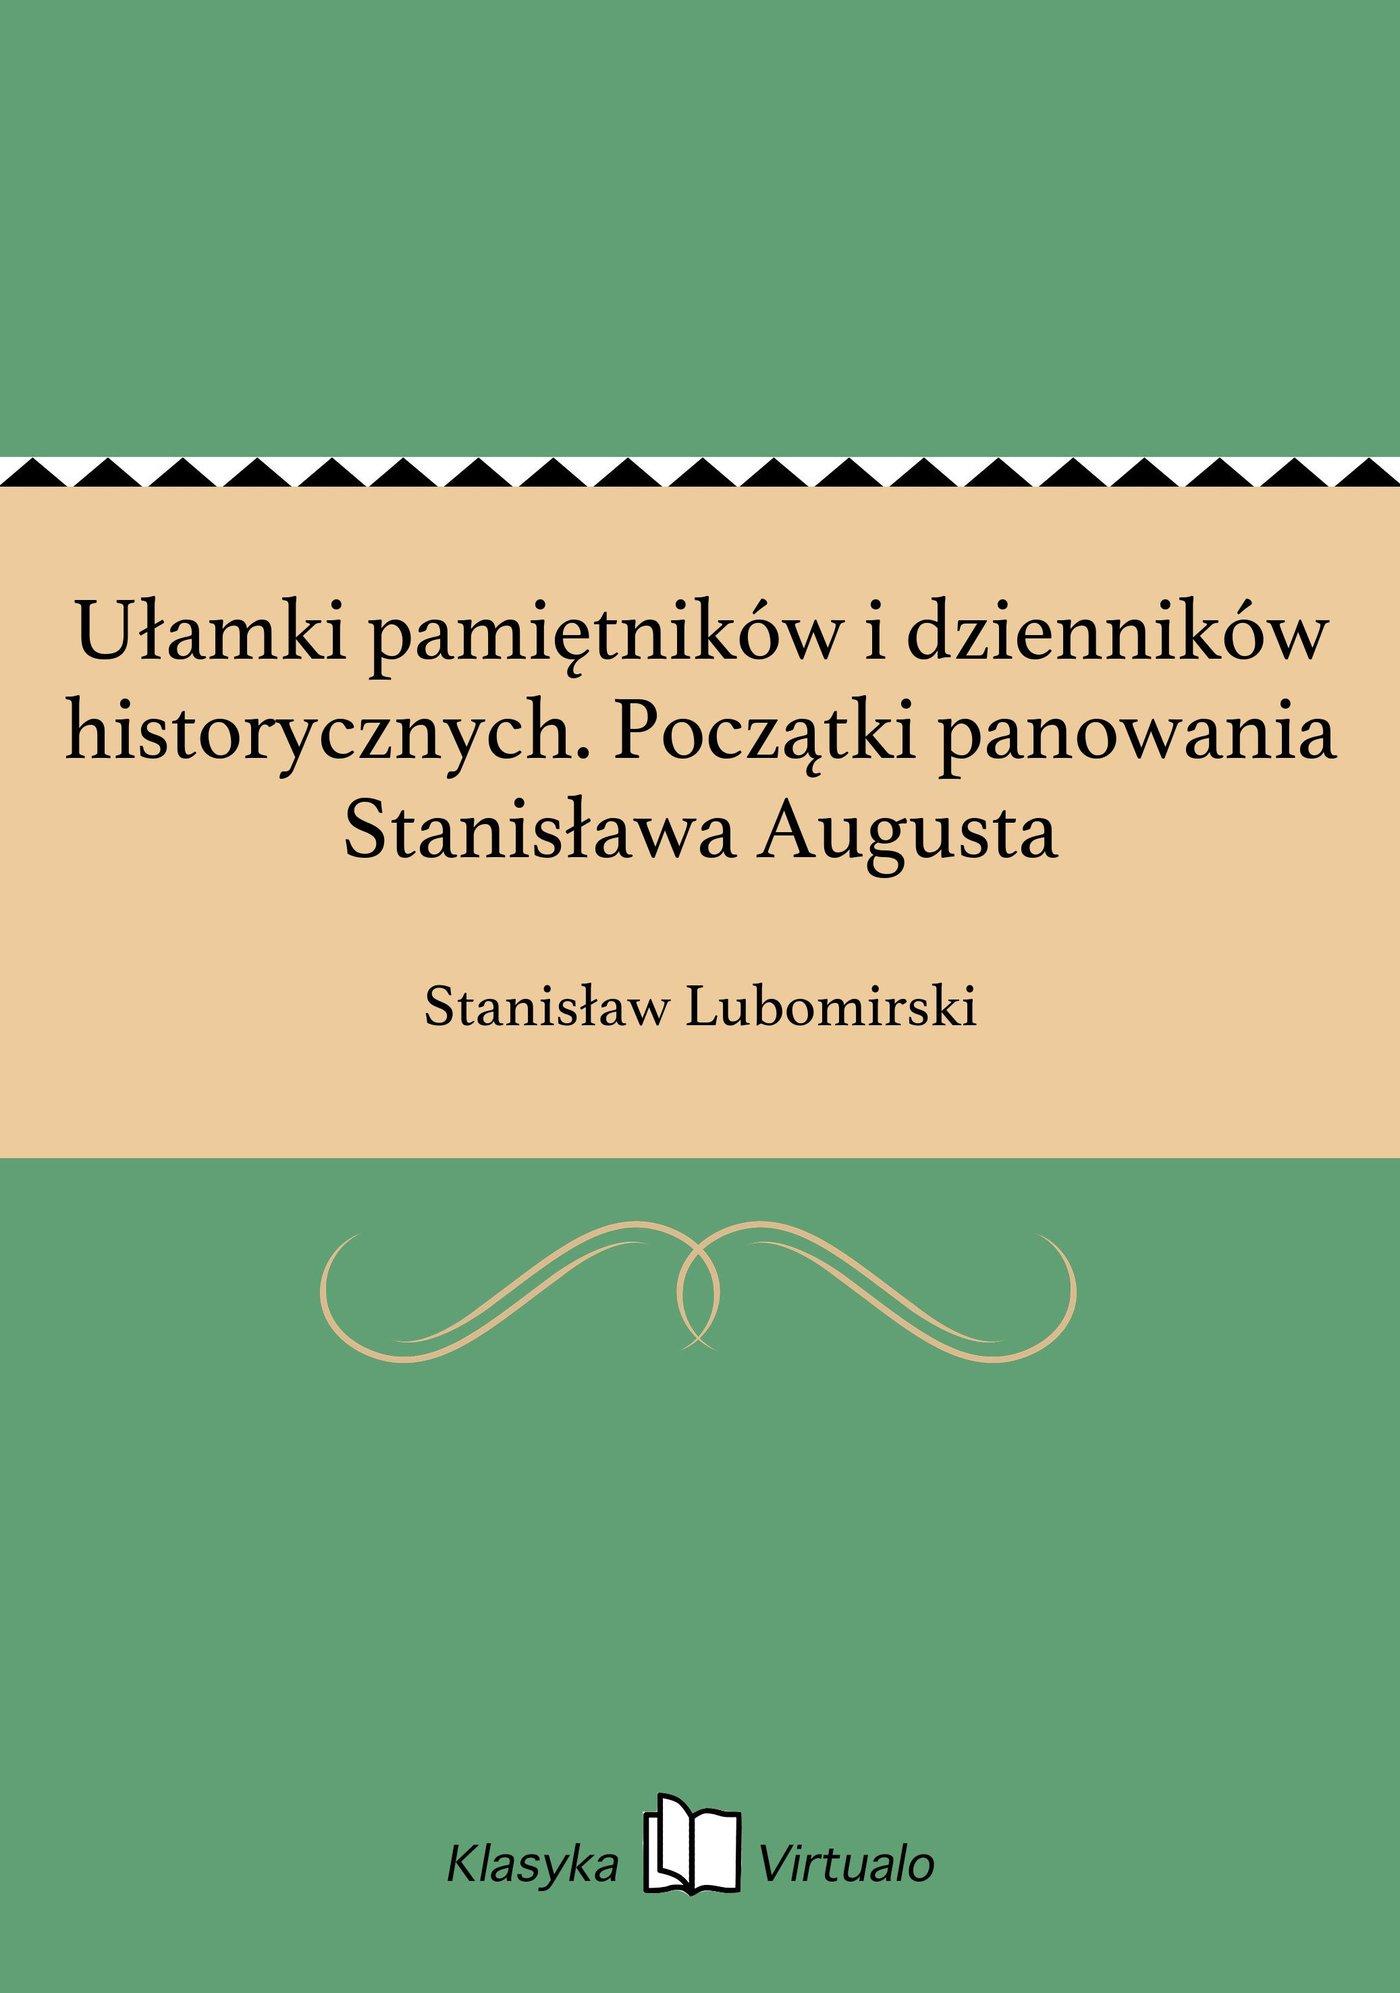 Ułamki pamiętników i dzienników historycznych. Początki panowania Stanisława Augusta - Ebook (Książka na Kindle) do pobrania w formacie MOBI